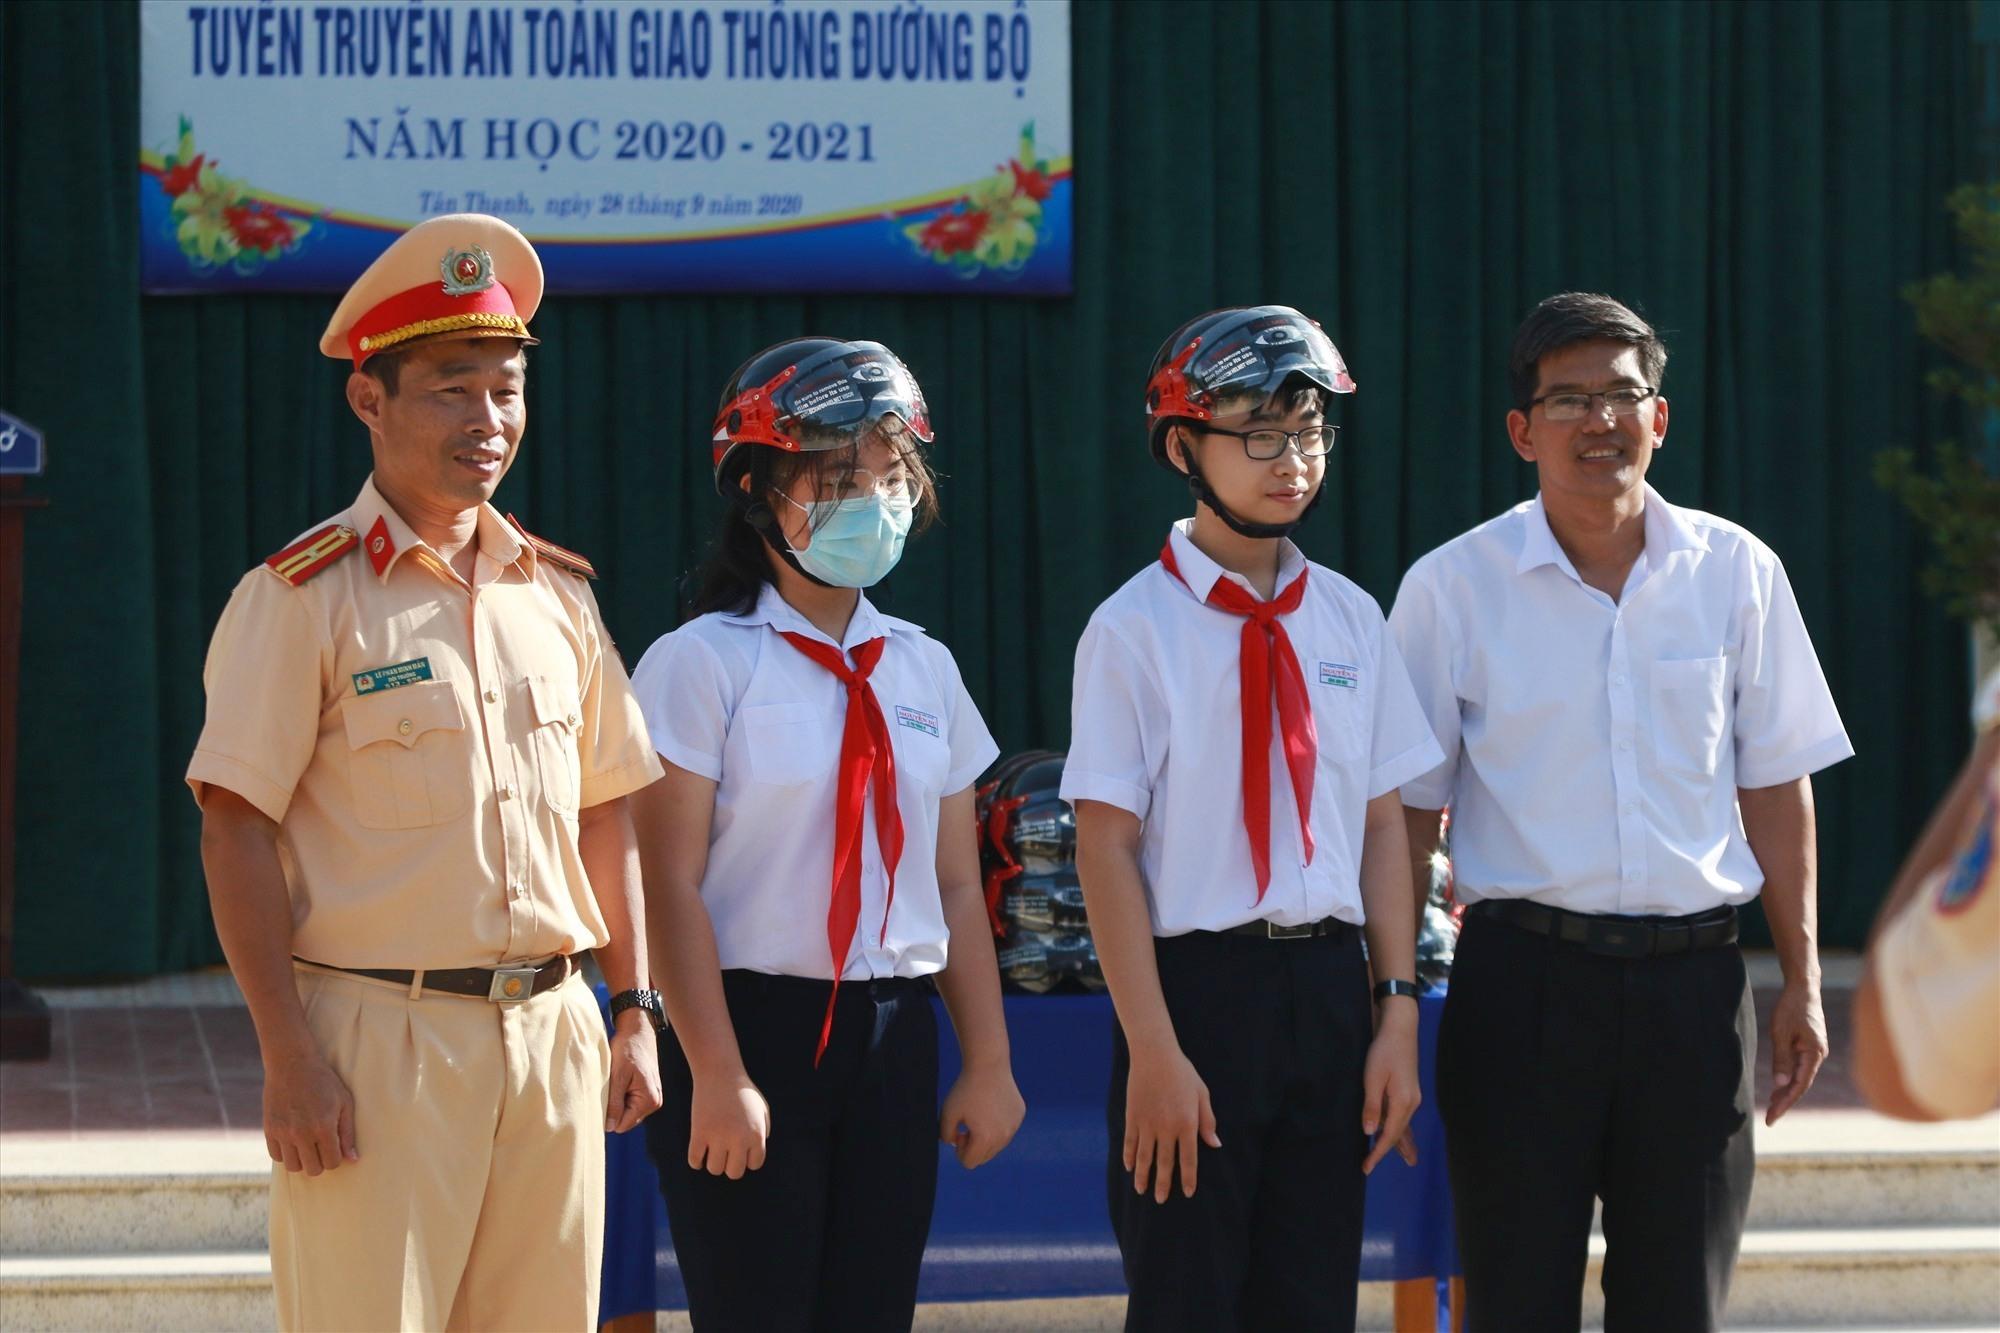 Rất nhiều mũ bảo hiểm đạt chuẩn được trao tặng cho các em học sinh sau mỗi phần tham gia giao lưu. Ảnh: T.C